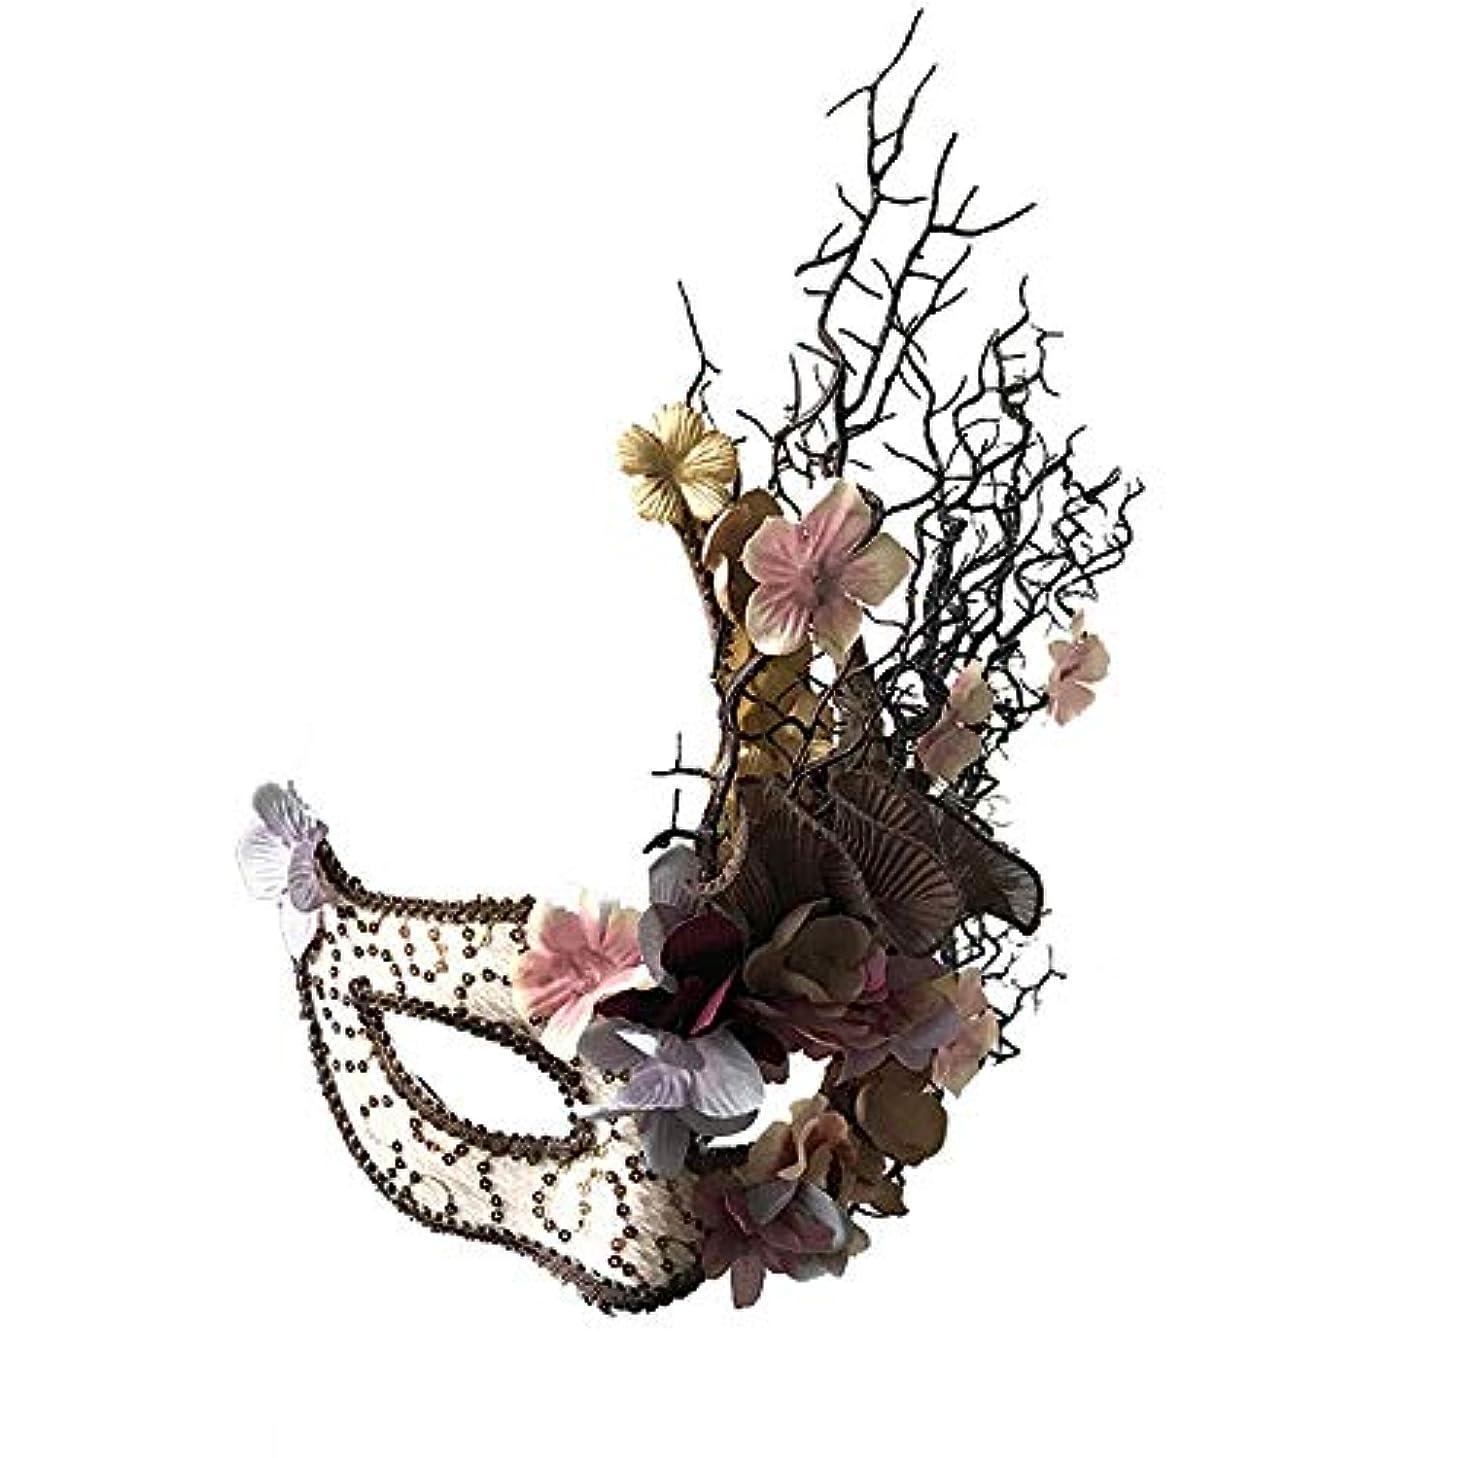 ジャニス空考えるNanle ハロウィンプラムツリーブランチマスク仮装手持ちのマスクレディミスプリンセス美容祭パーティーデコレーション (色 : Pink hand-held)